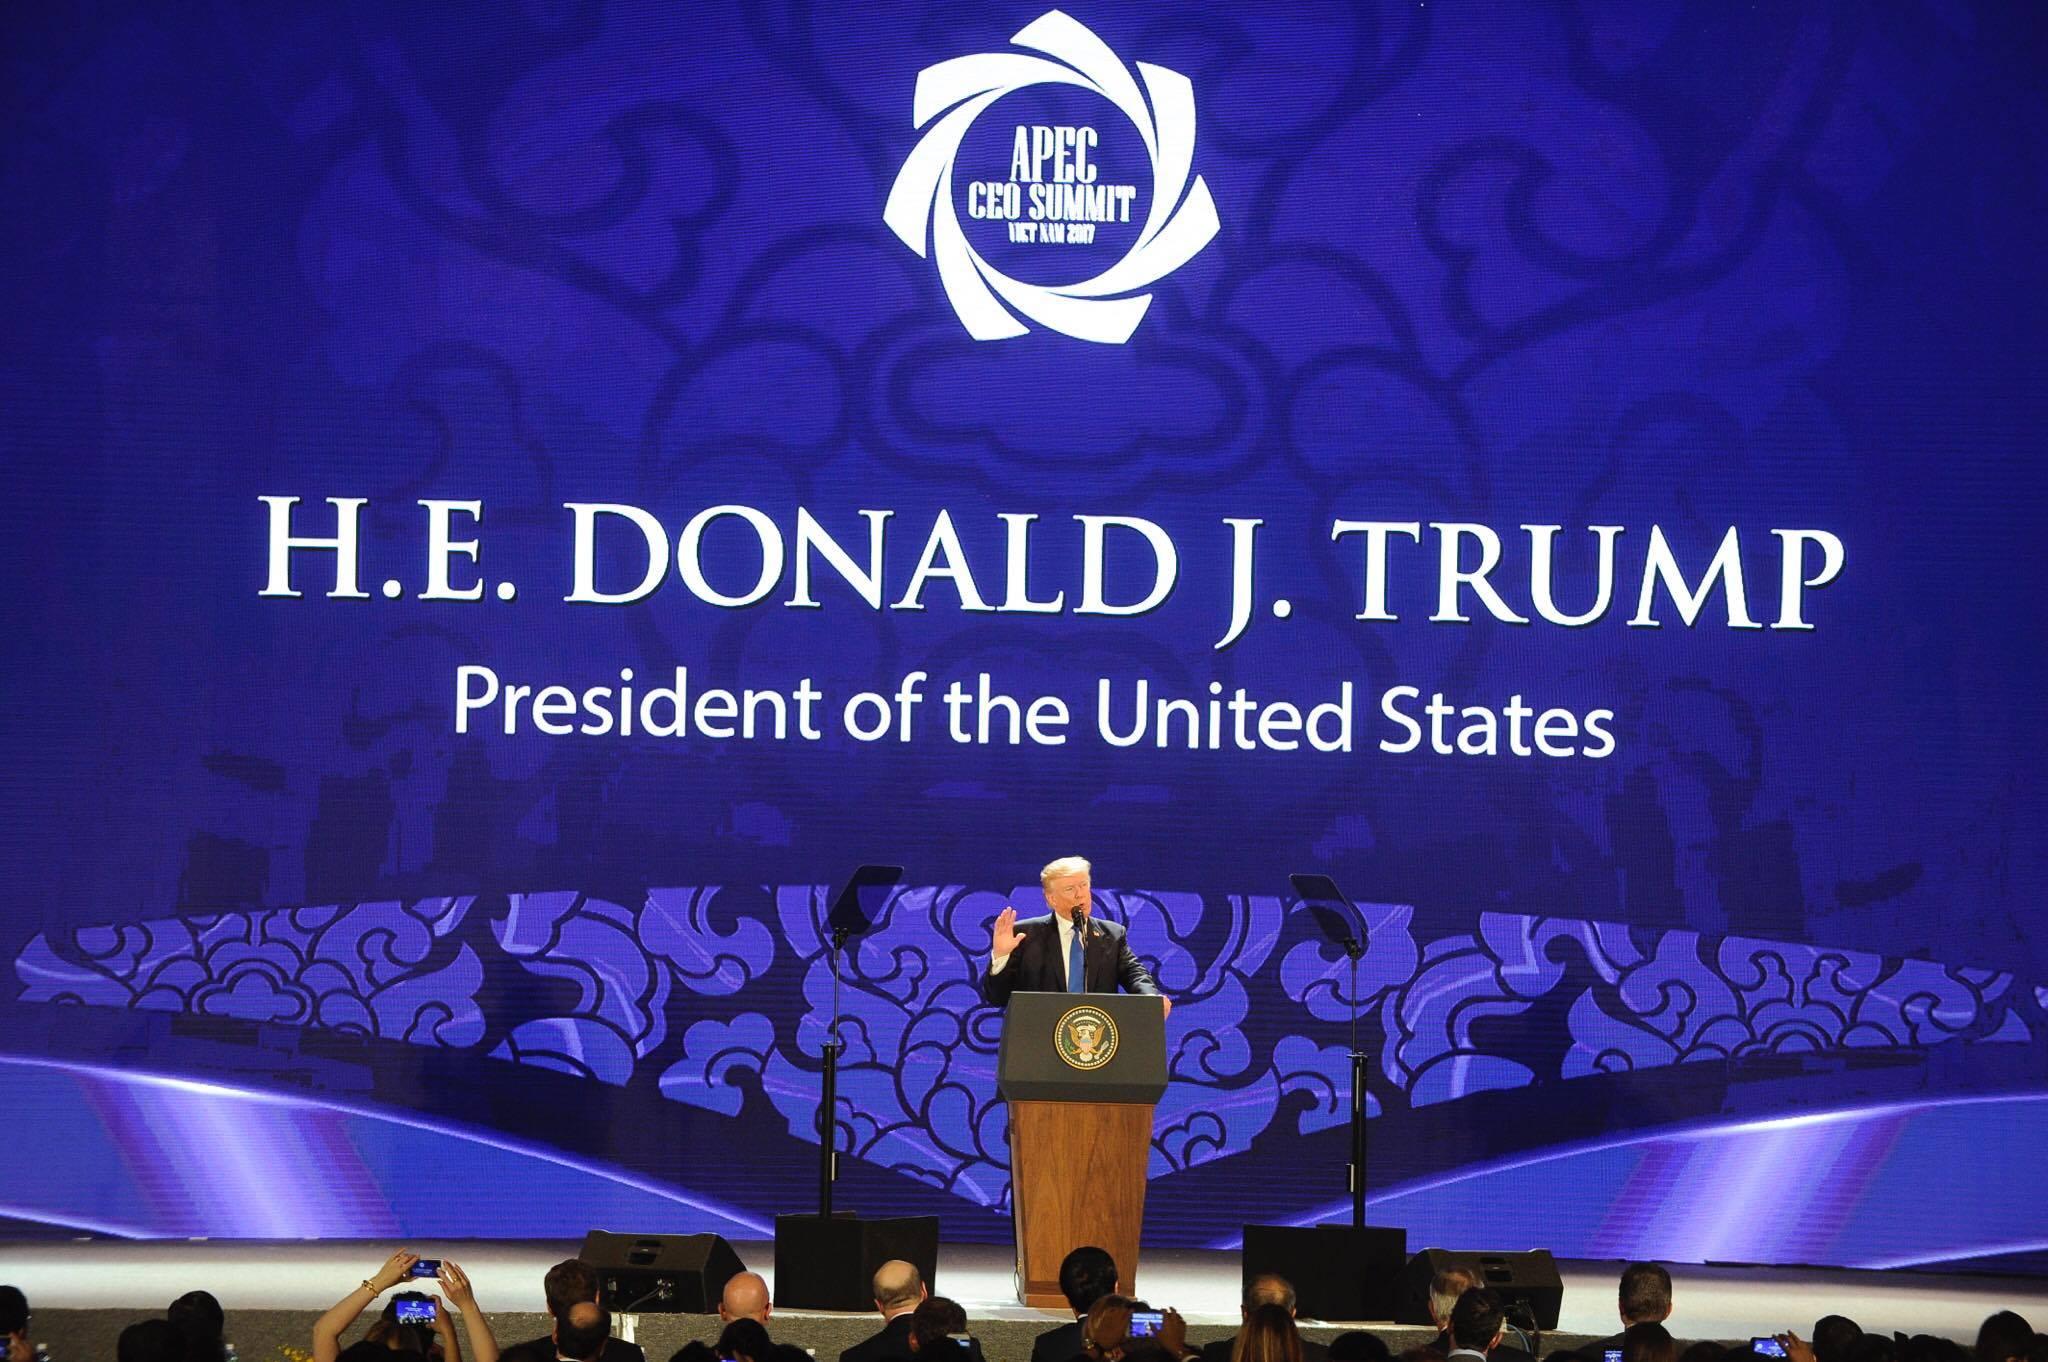 CẬP NHẬT: Chủ tịch Trung Quốc Tập Cận Bình đăng đàn APEC 2017 - 3